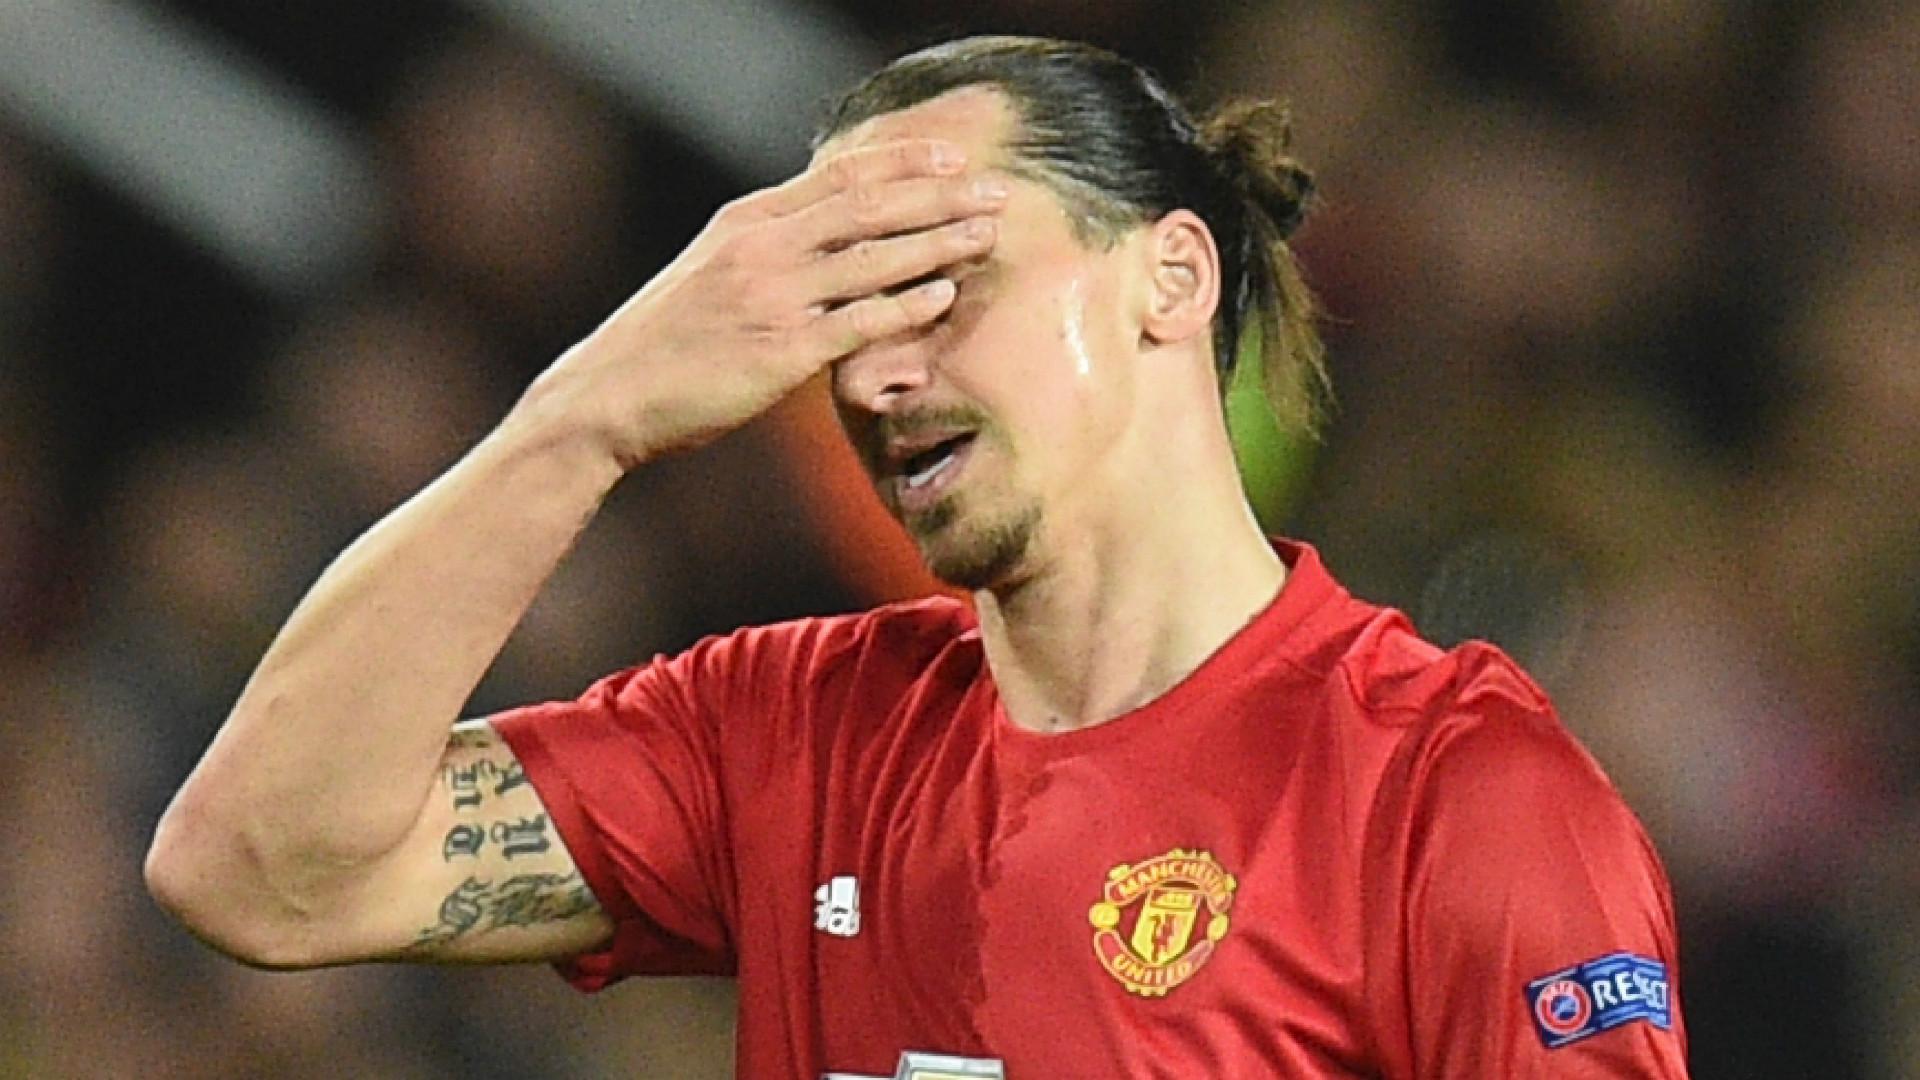 Ibrahimovic injury: Shaw says Zlatan was walking around in changing room